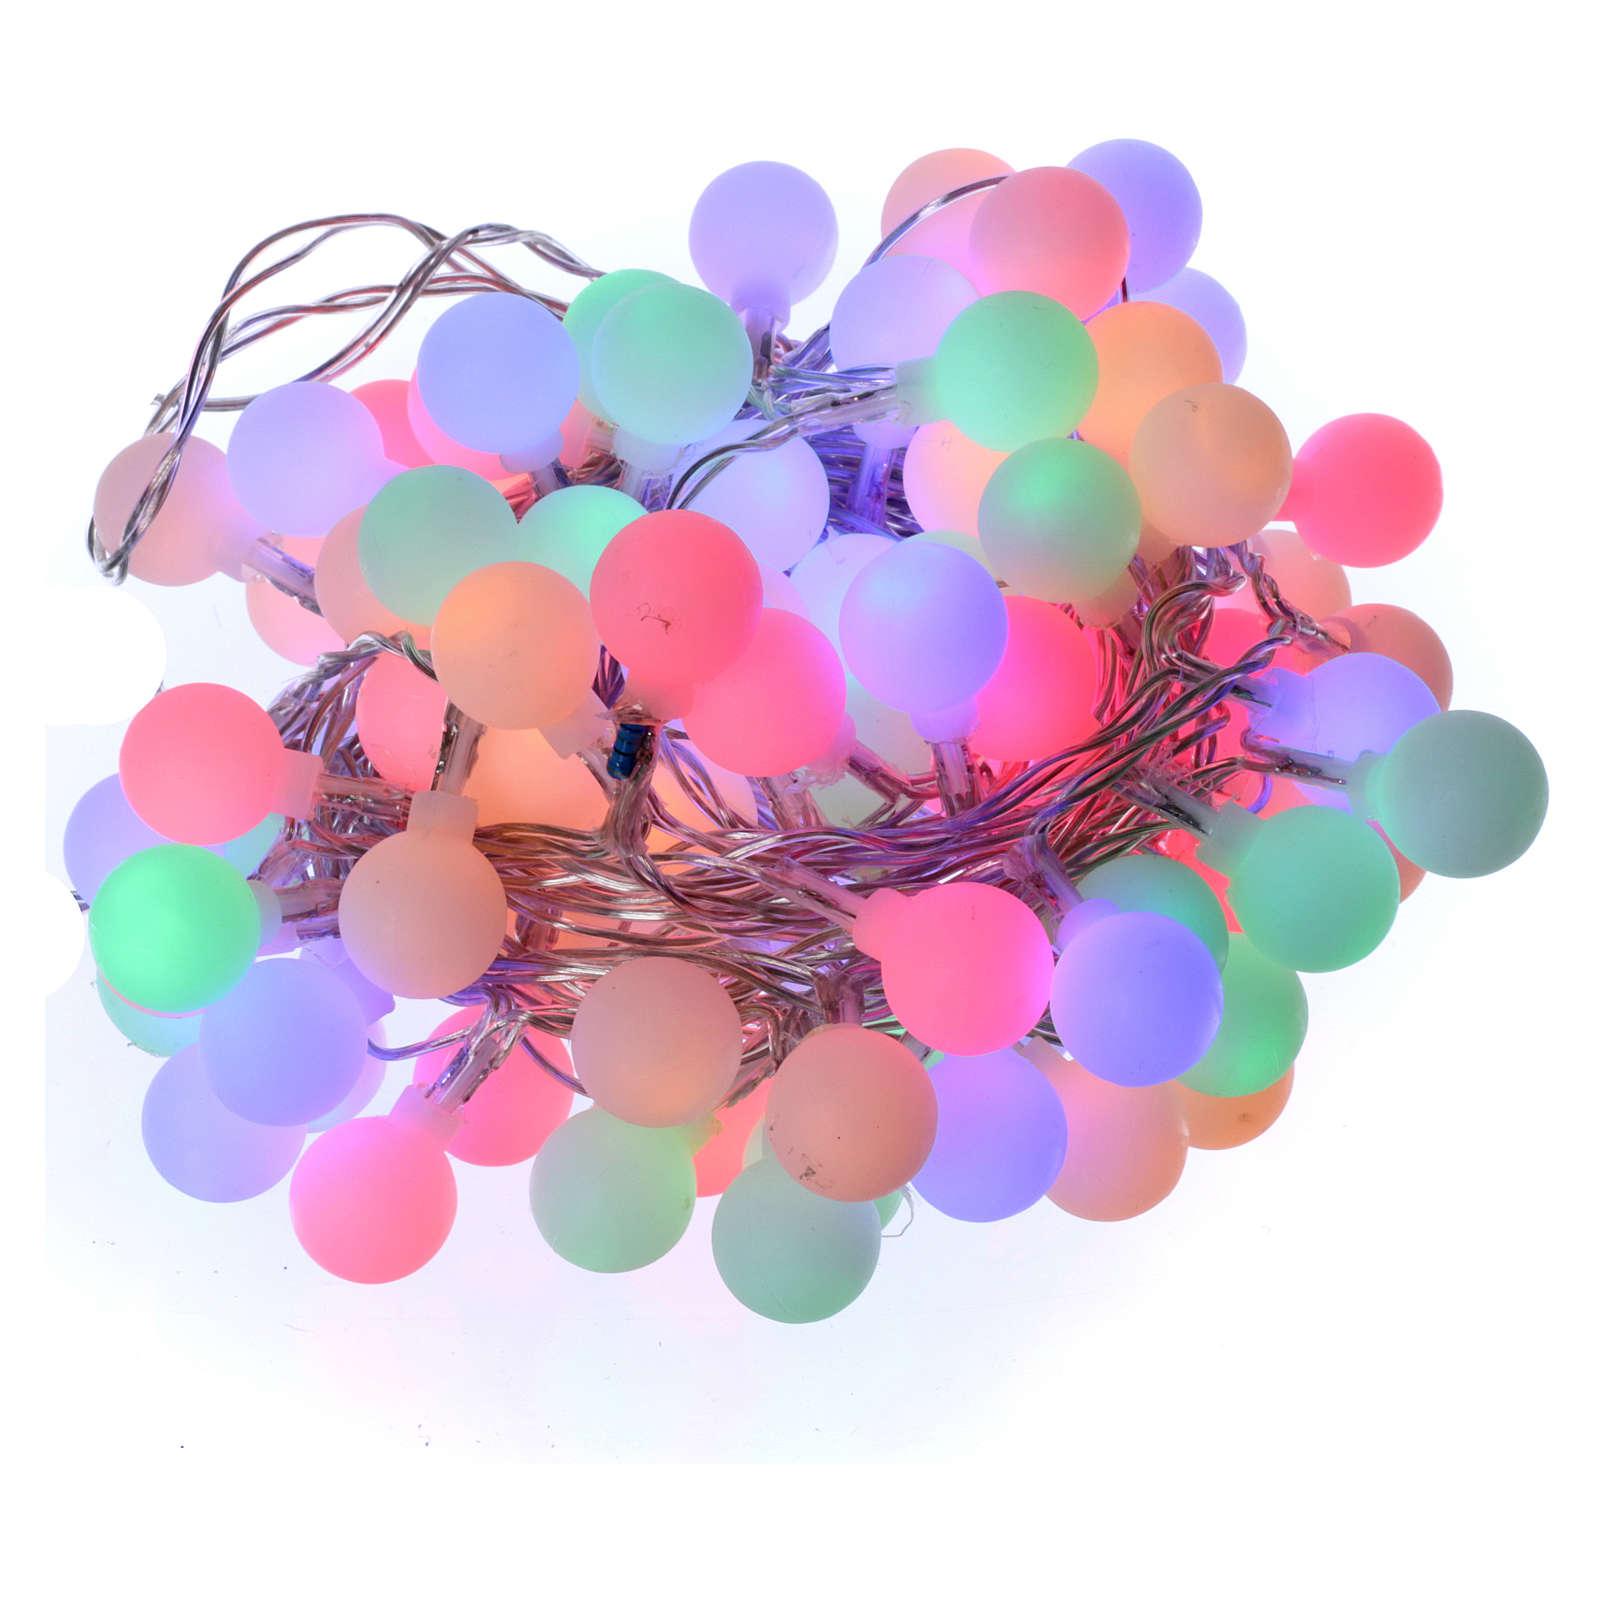 Chaîne lumières sphères mates 100 led multicolores intérieur extérieur 3